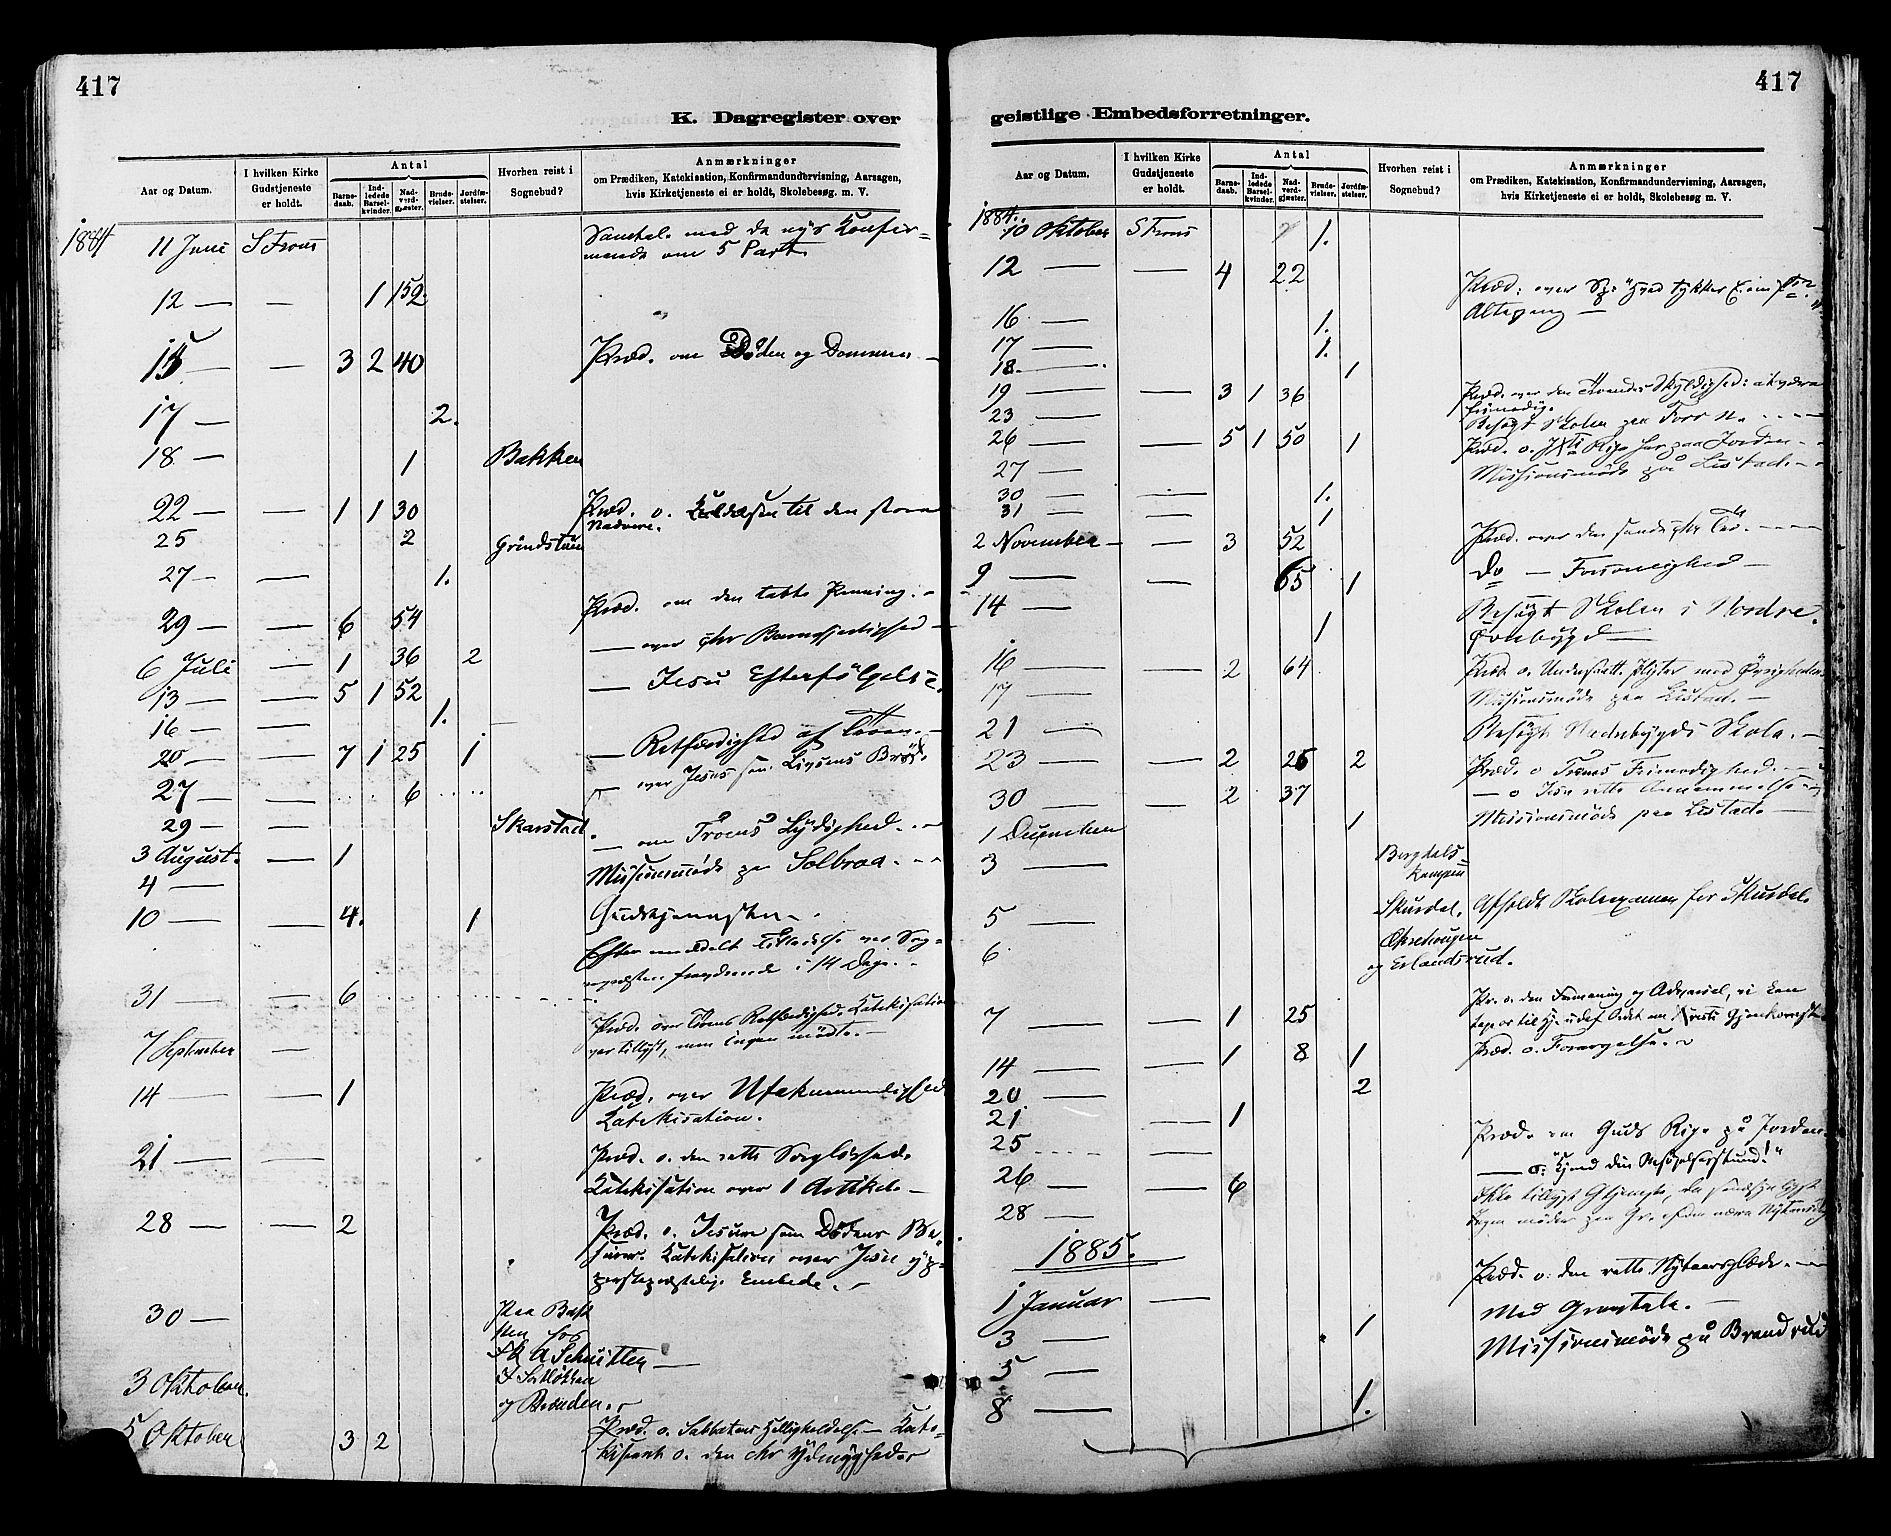 SAH, Sør-Fron prestekontor, H/Ha/Haa/L0003: Ministerialbok nr. 3, 1881-1897, s. 417